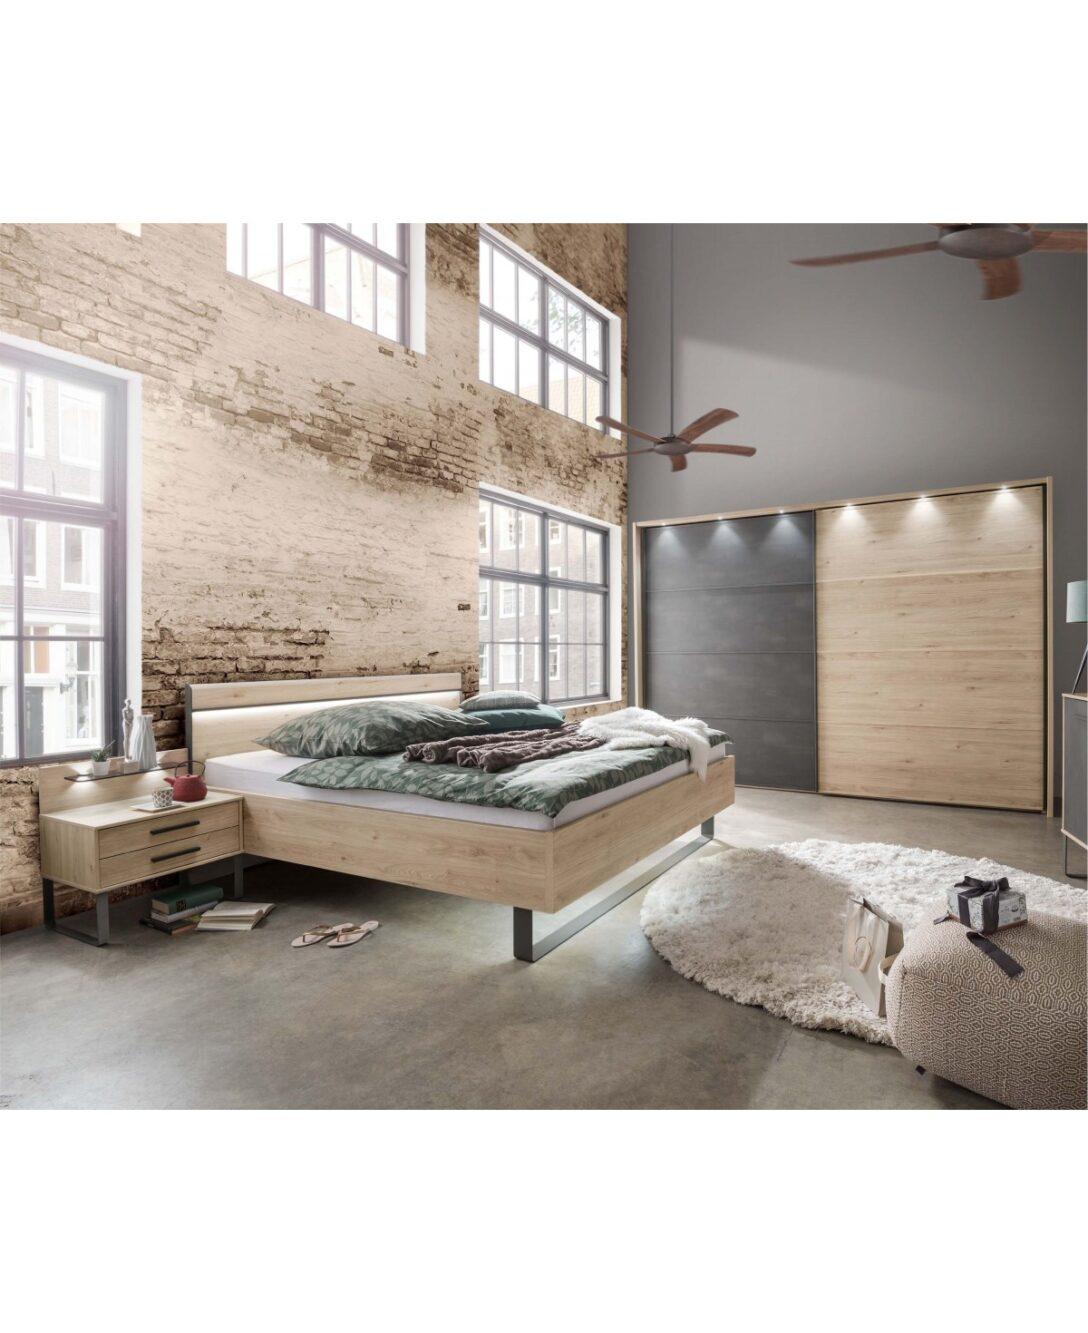 Large Size of Schlafzimmer Komplett 160x200 Bett Set Wiemann Brssel Schrank Nachttisch Luxus Zum Ausziehen 140x200 Mit Stauraum Lifetime Betten Hamburg überbau Günstige Wohnzimmer Schlafzimmer Komplett 160x200 Bett